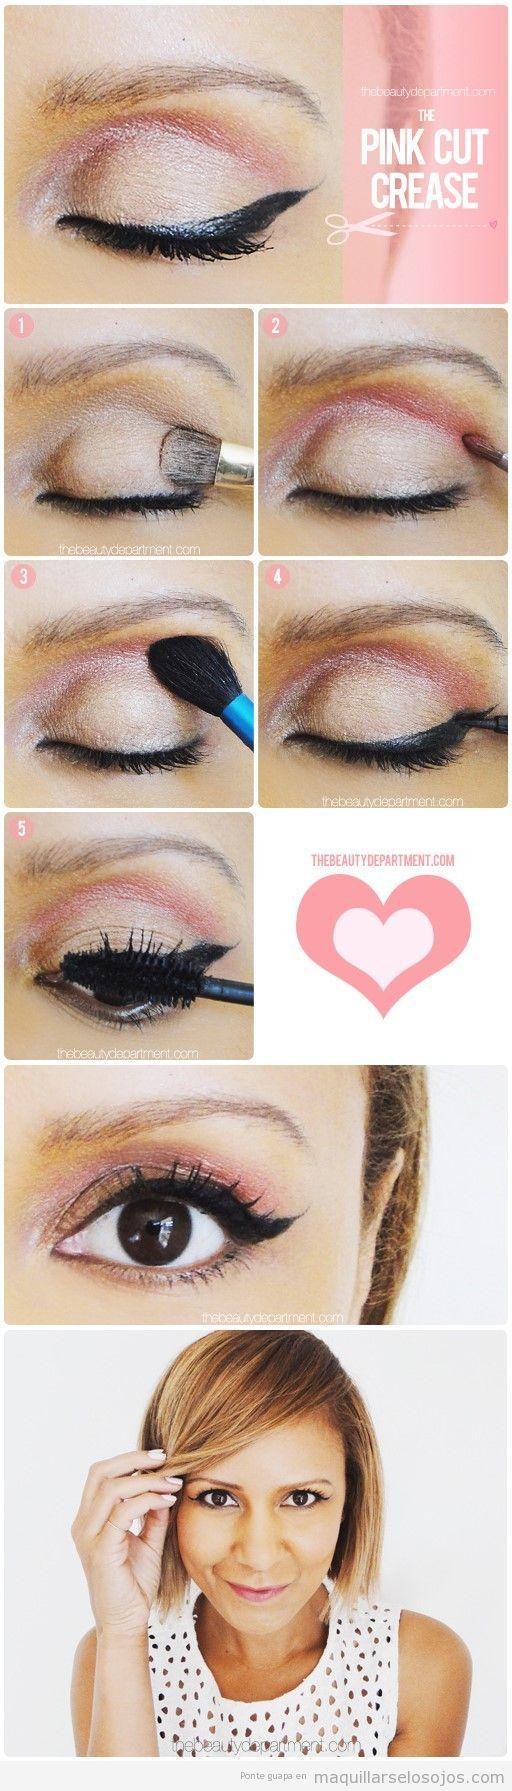 Tutorial maquillaje de ojos en crema y rosa, paso a paso